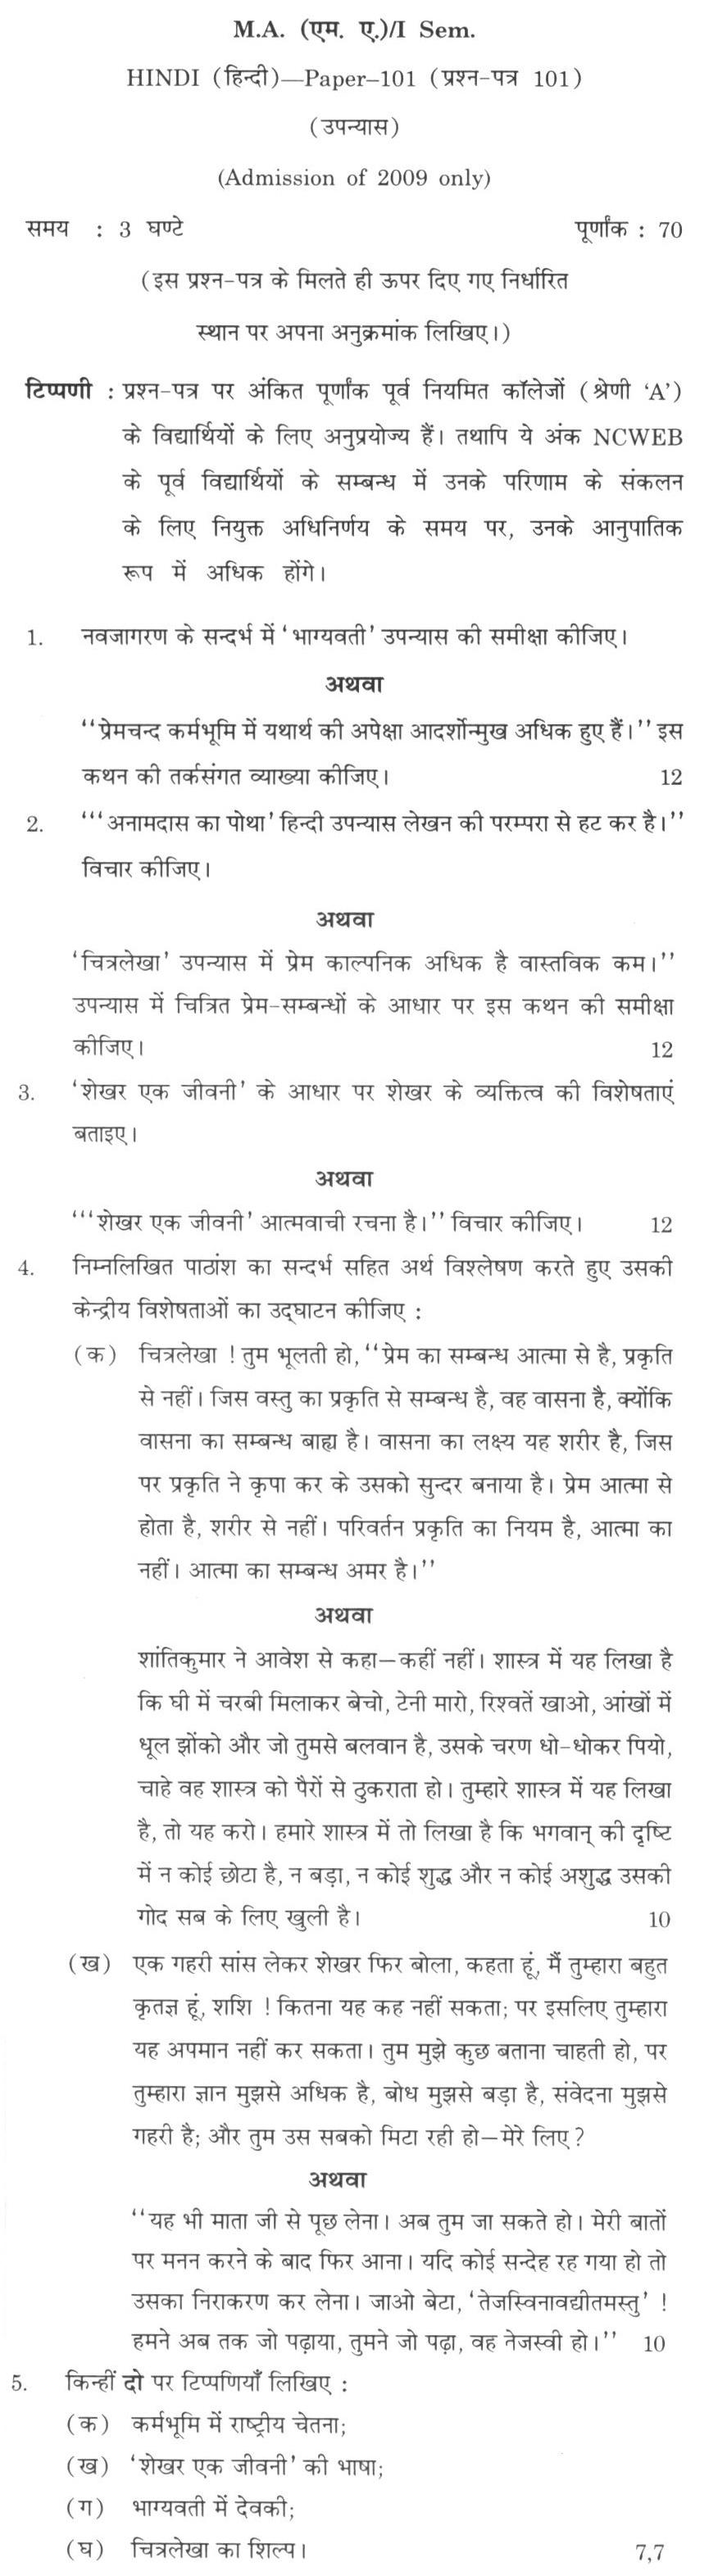 DU SOL M.A. Hindi Question Paper - ISemesterUpanyas - Paper 101